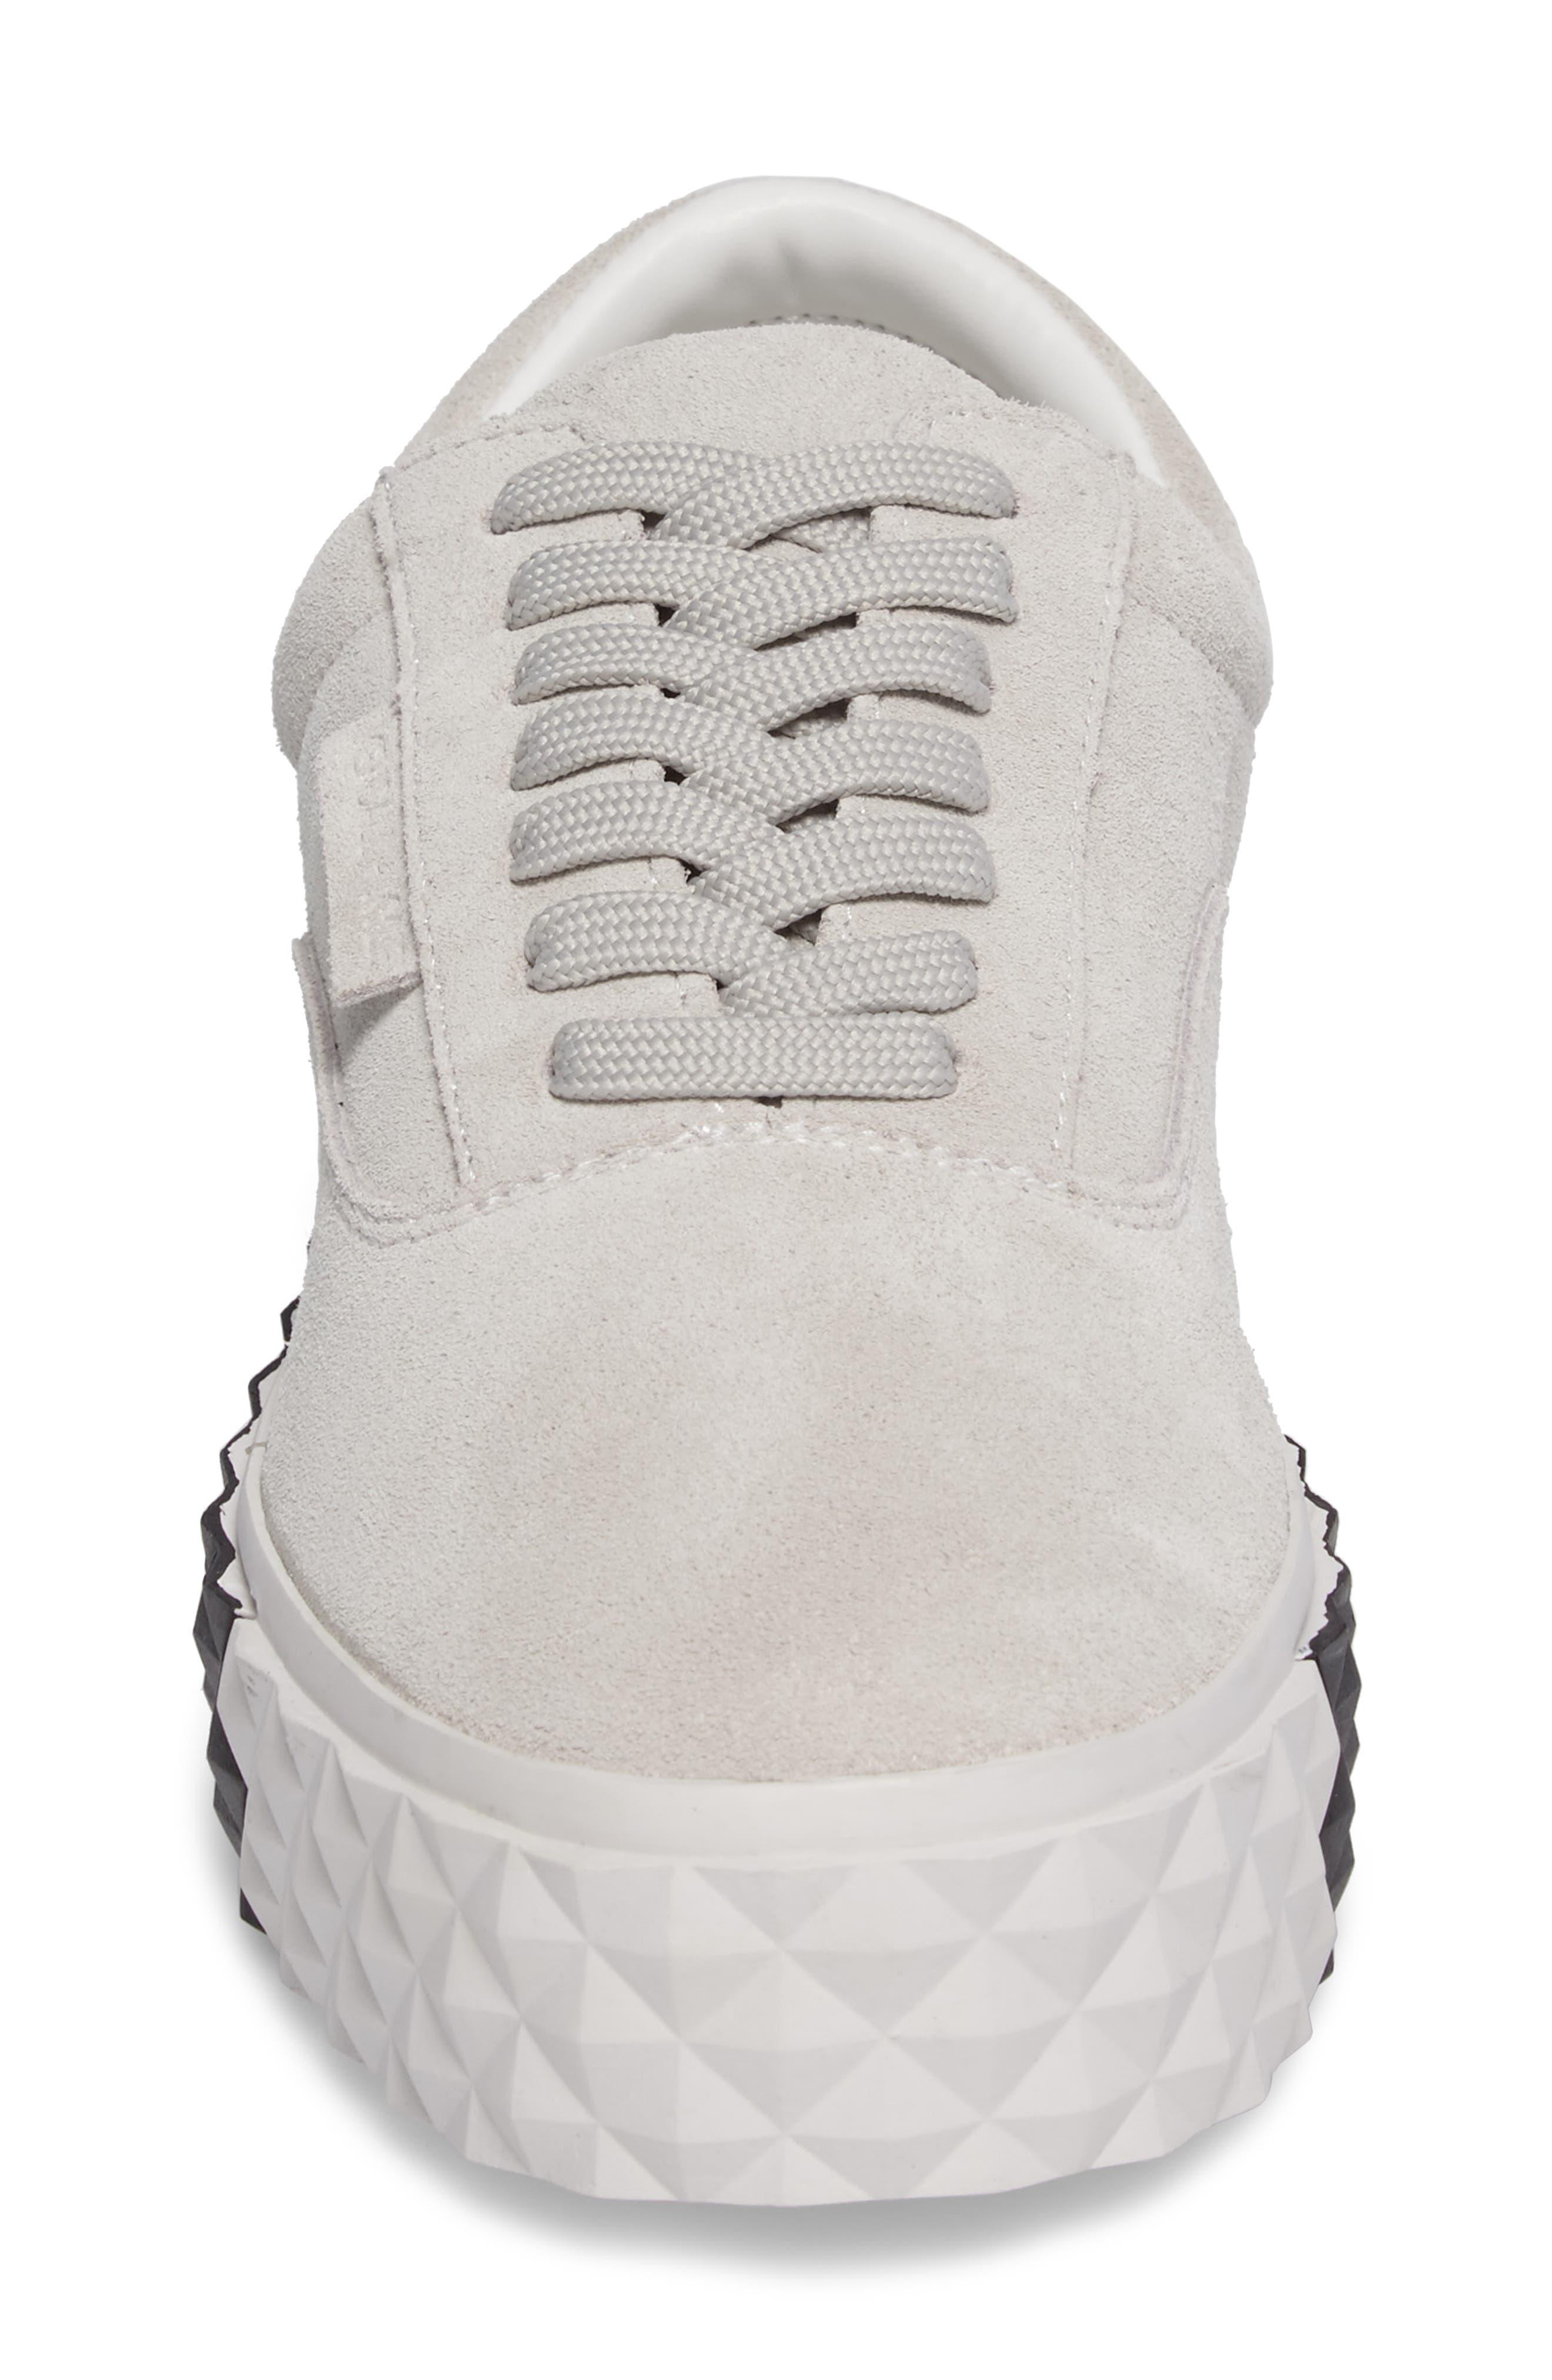 Reign Platform Sneaker,                             Alternate thumbnail 4, color,                             White